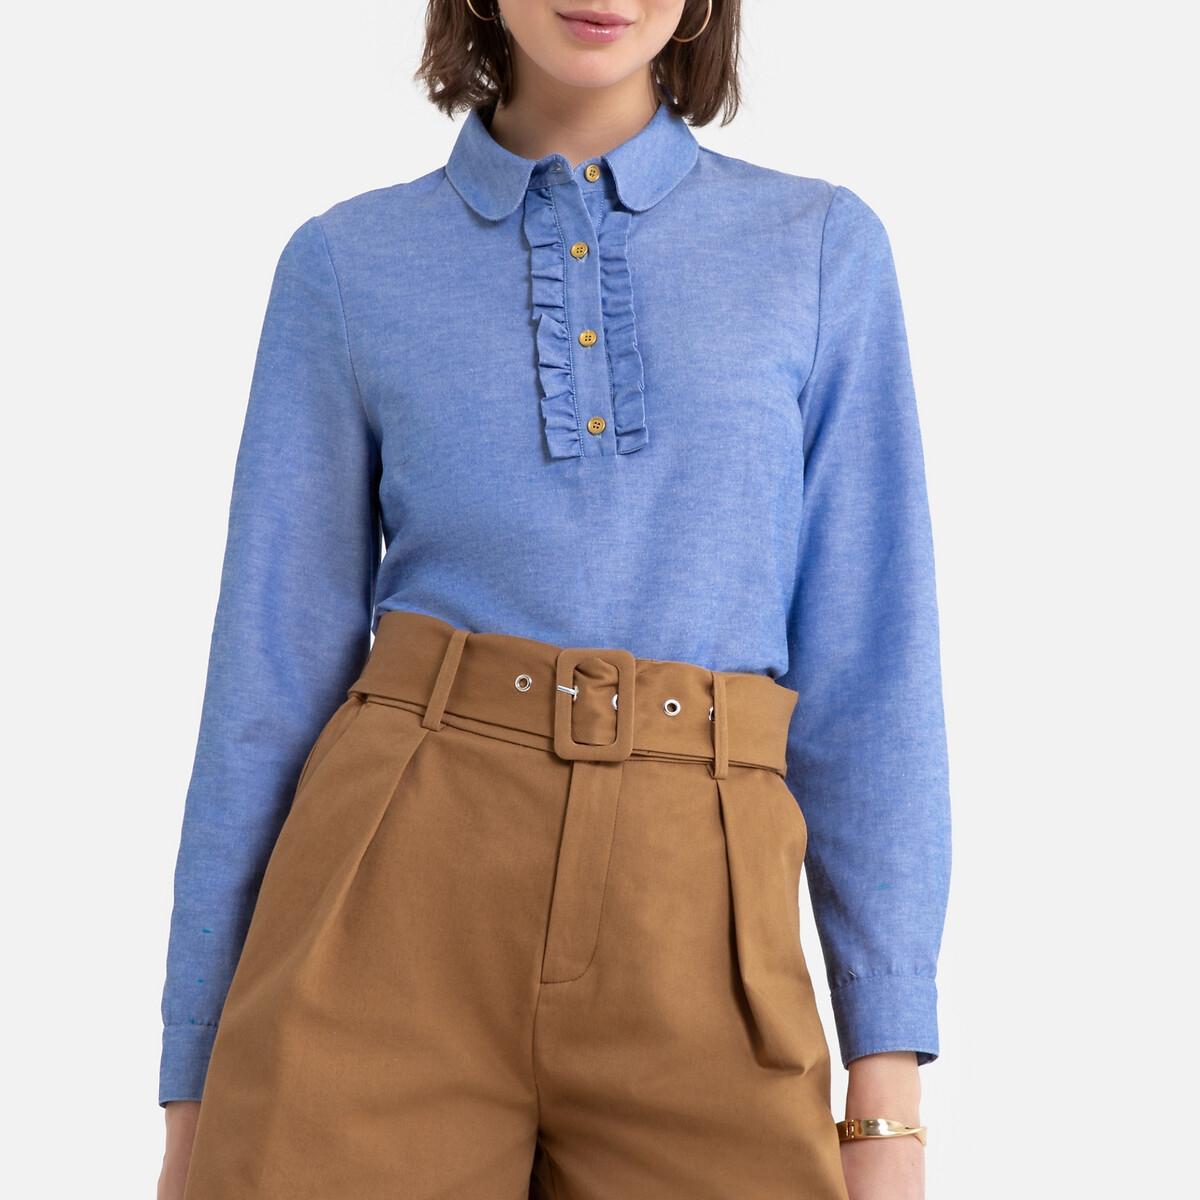 Blusa de mangas compridas, em cambraia